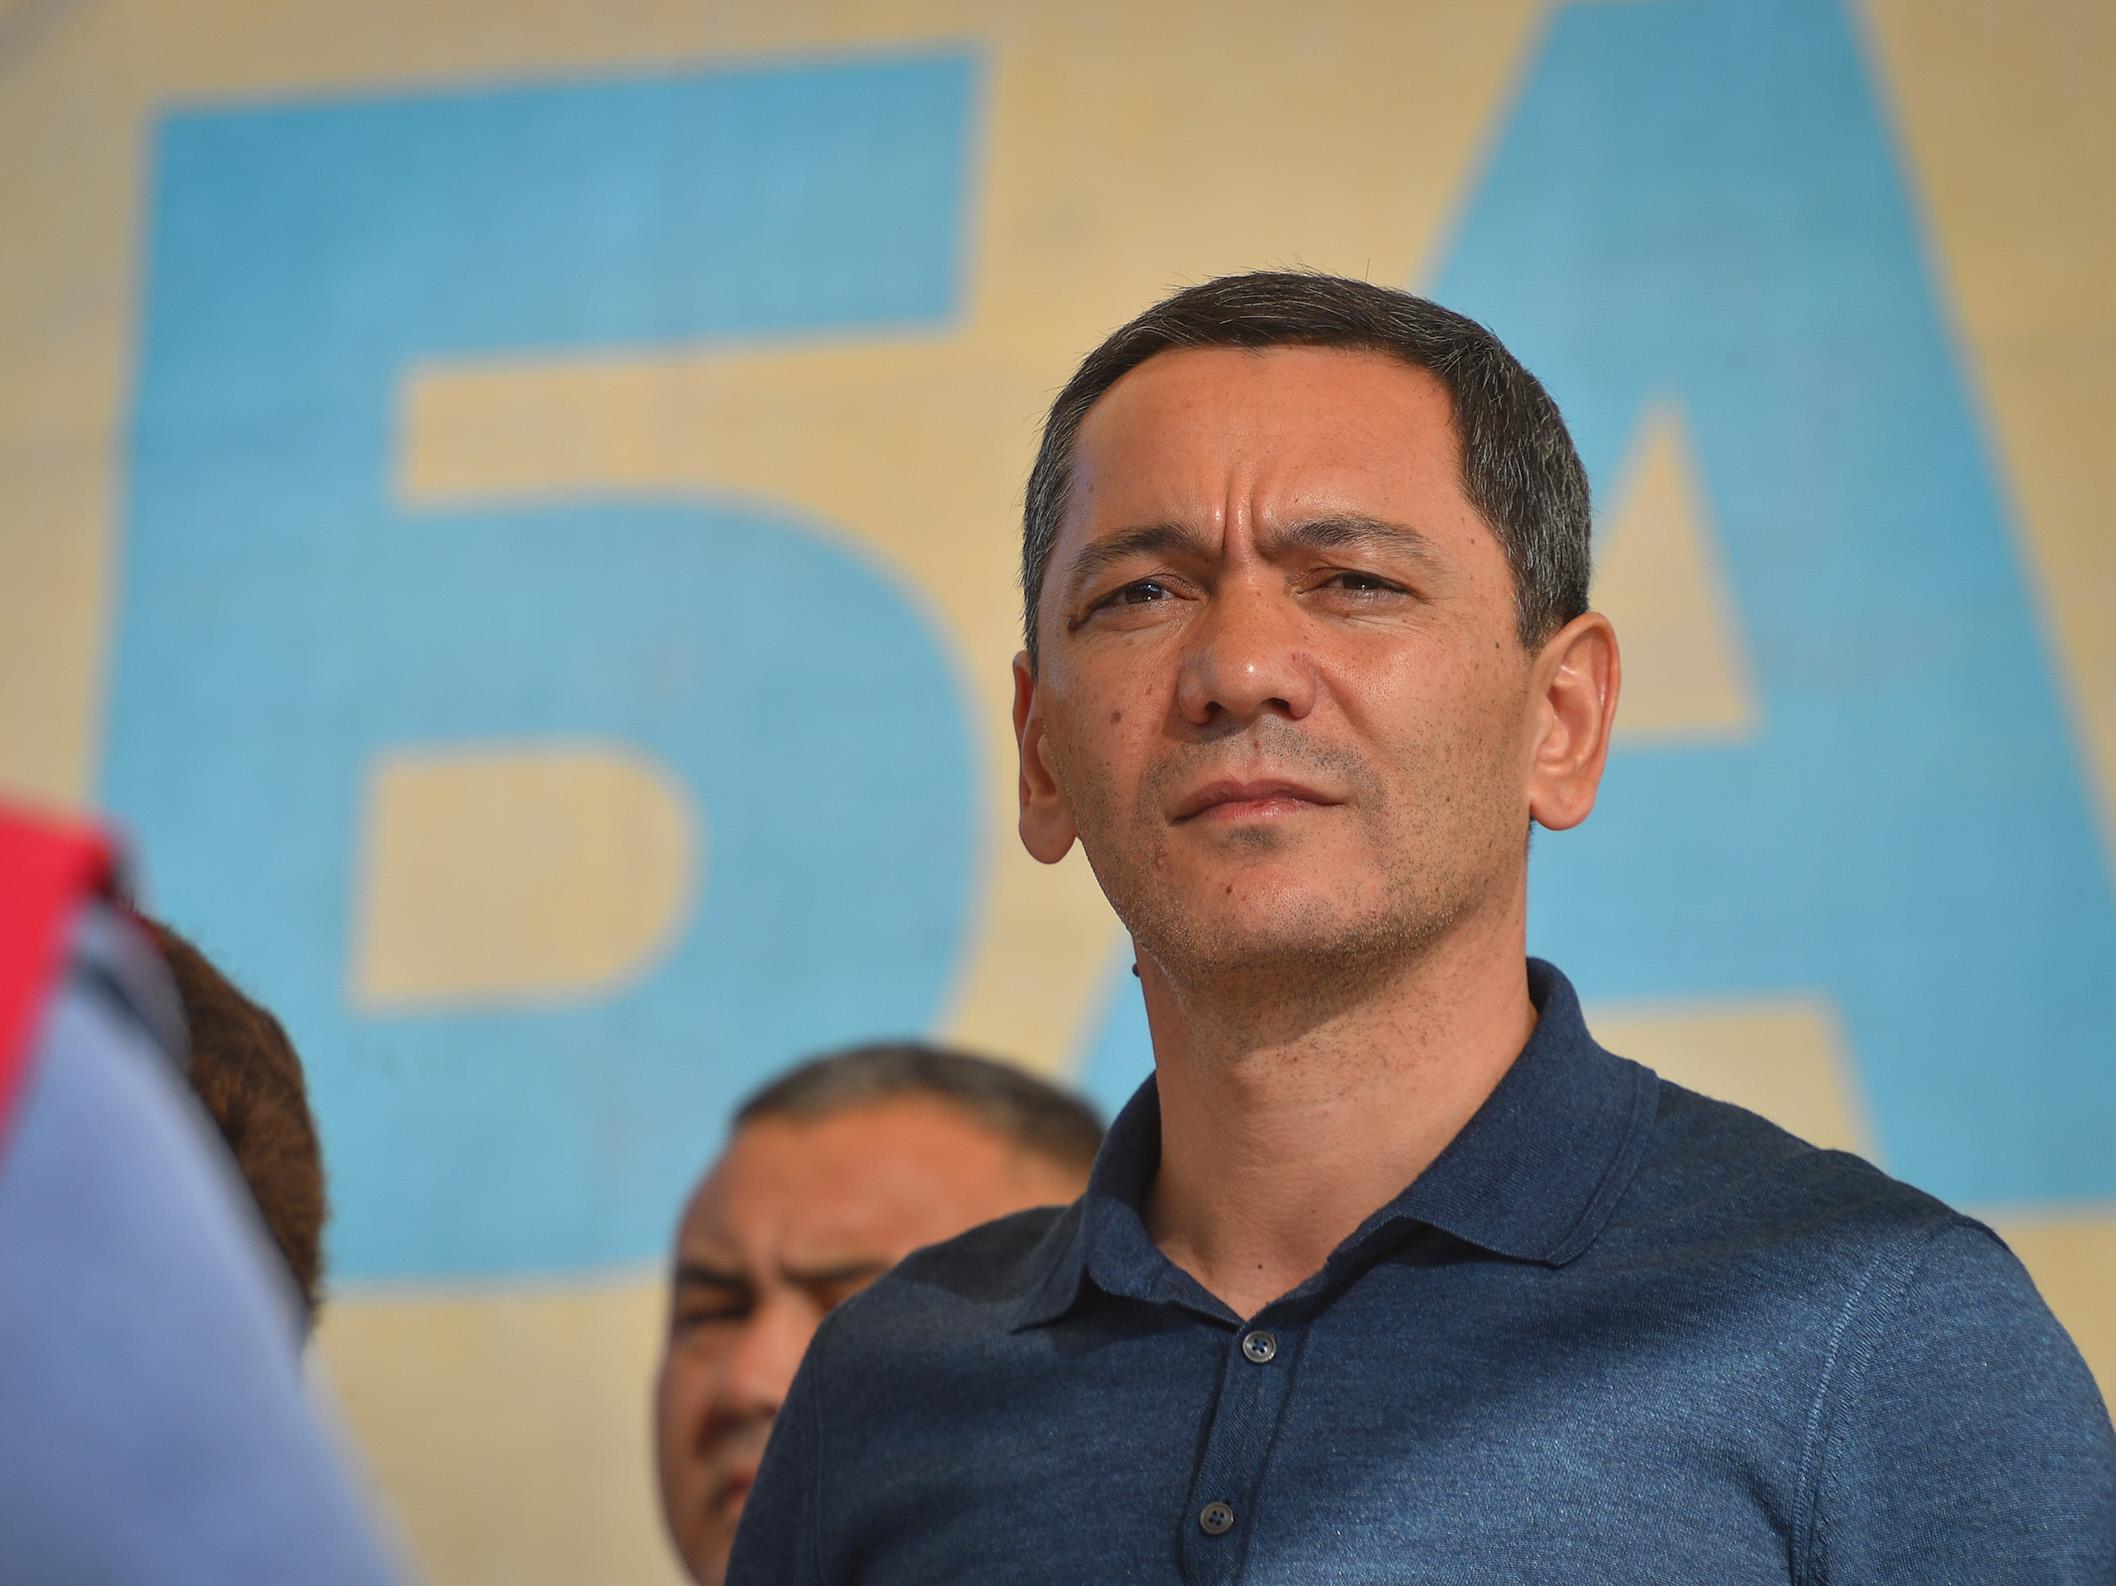 ВКиргизии депутата подозревают впопытке захвата власти